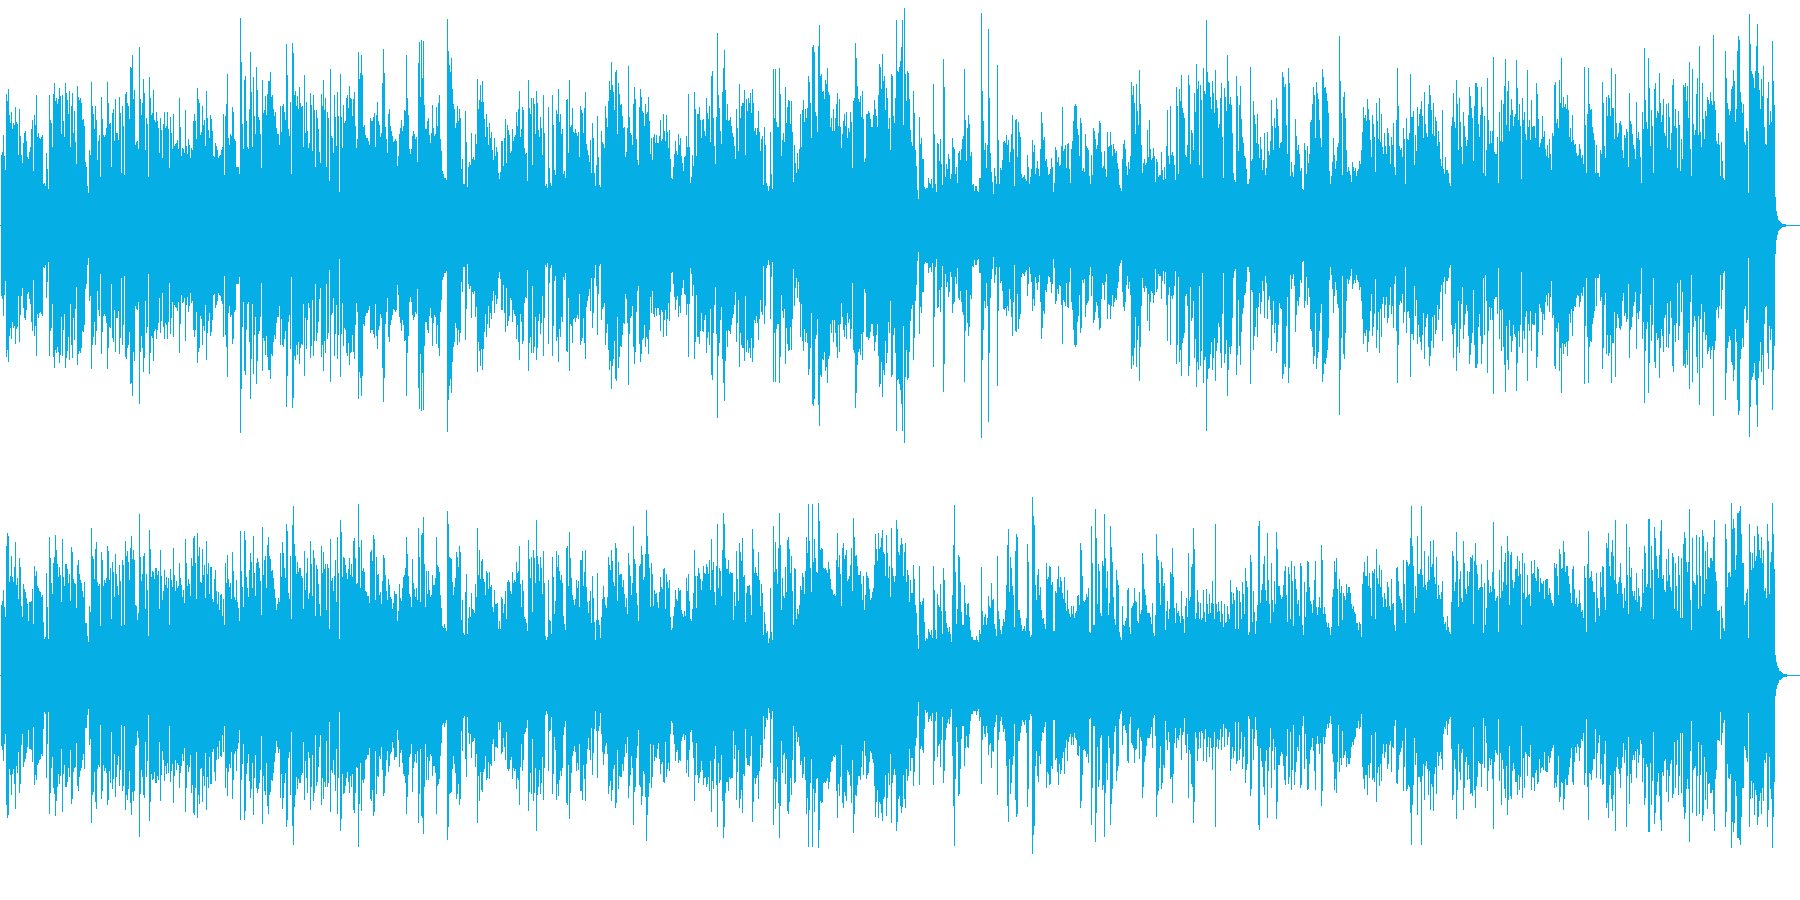 アルトサックスとギターのジャズBGMの再生済みの波形